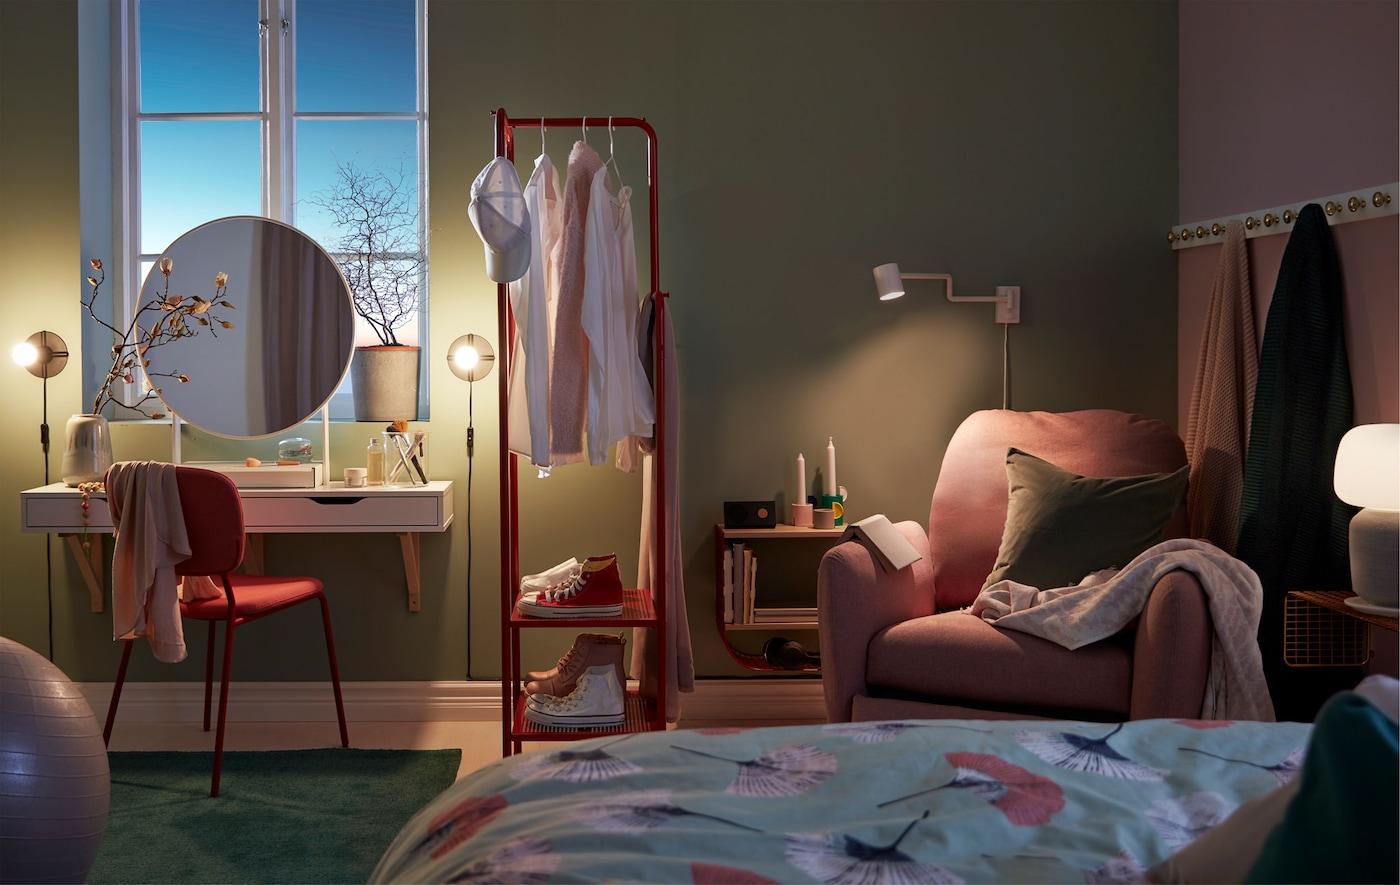 Prigušeno ambijentalno svetlo u spavaćoj sobi s kutkom za šminkanje, stalkom za odeću koji pregrađuje sobu, i foteljom s podnožjem u uglu za čitanje.